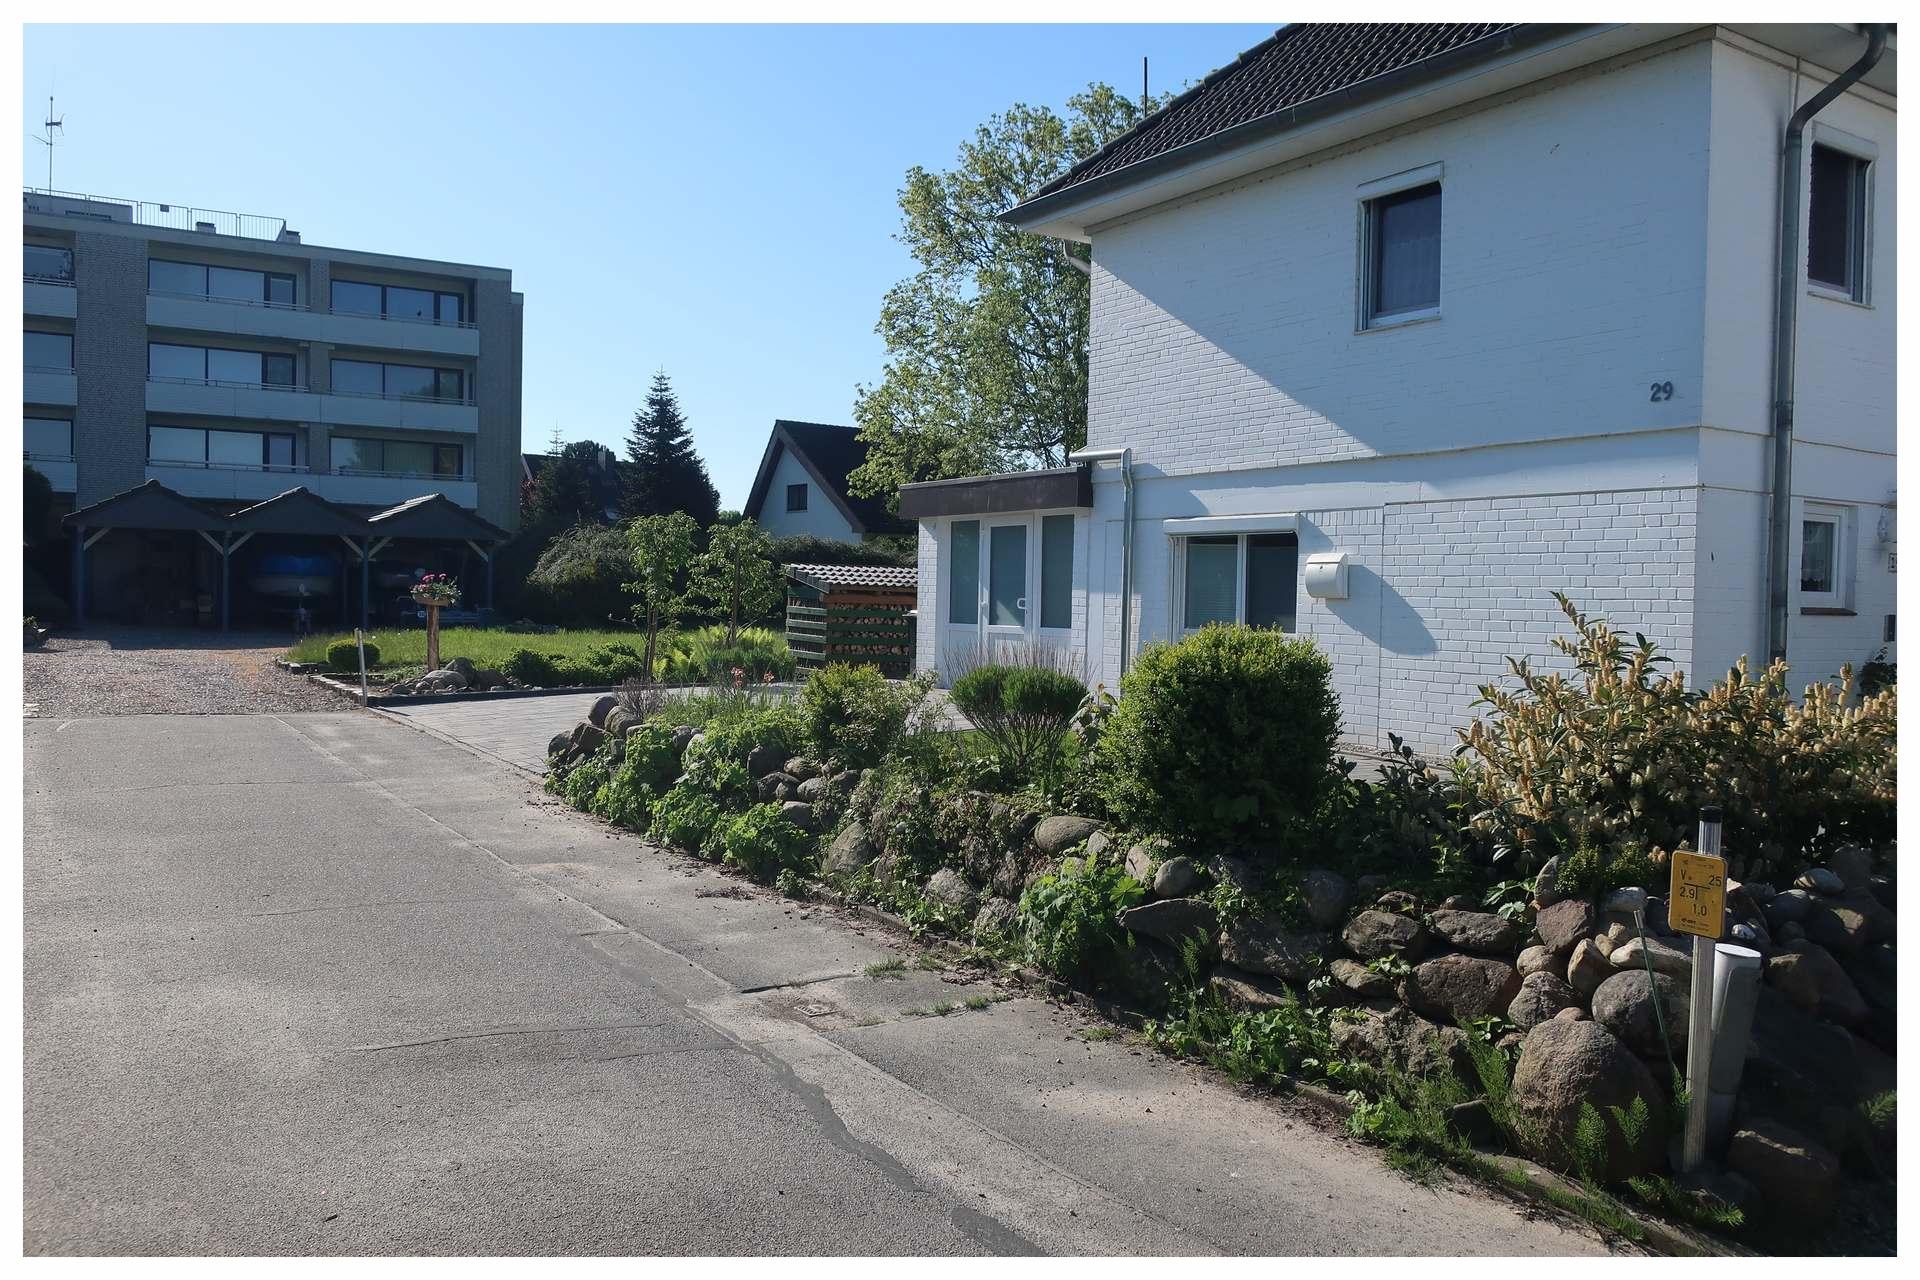 Haus und Garten von der Straßenseite